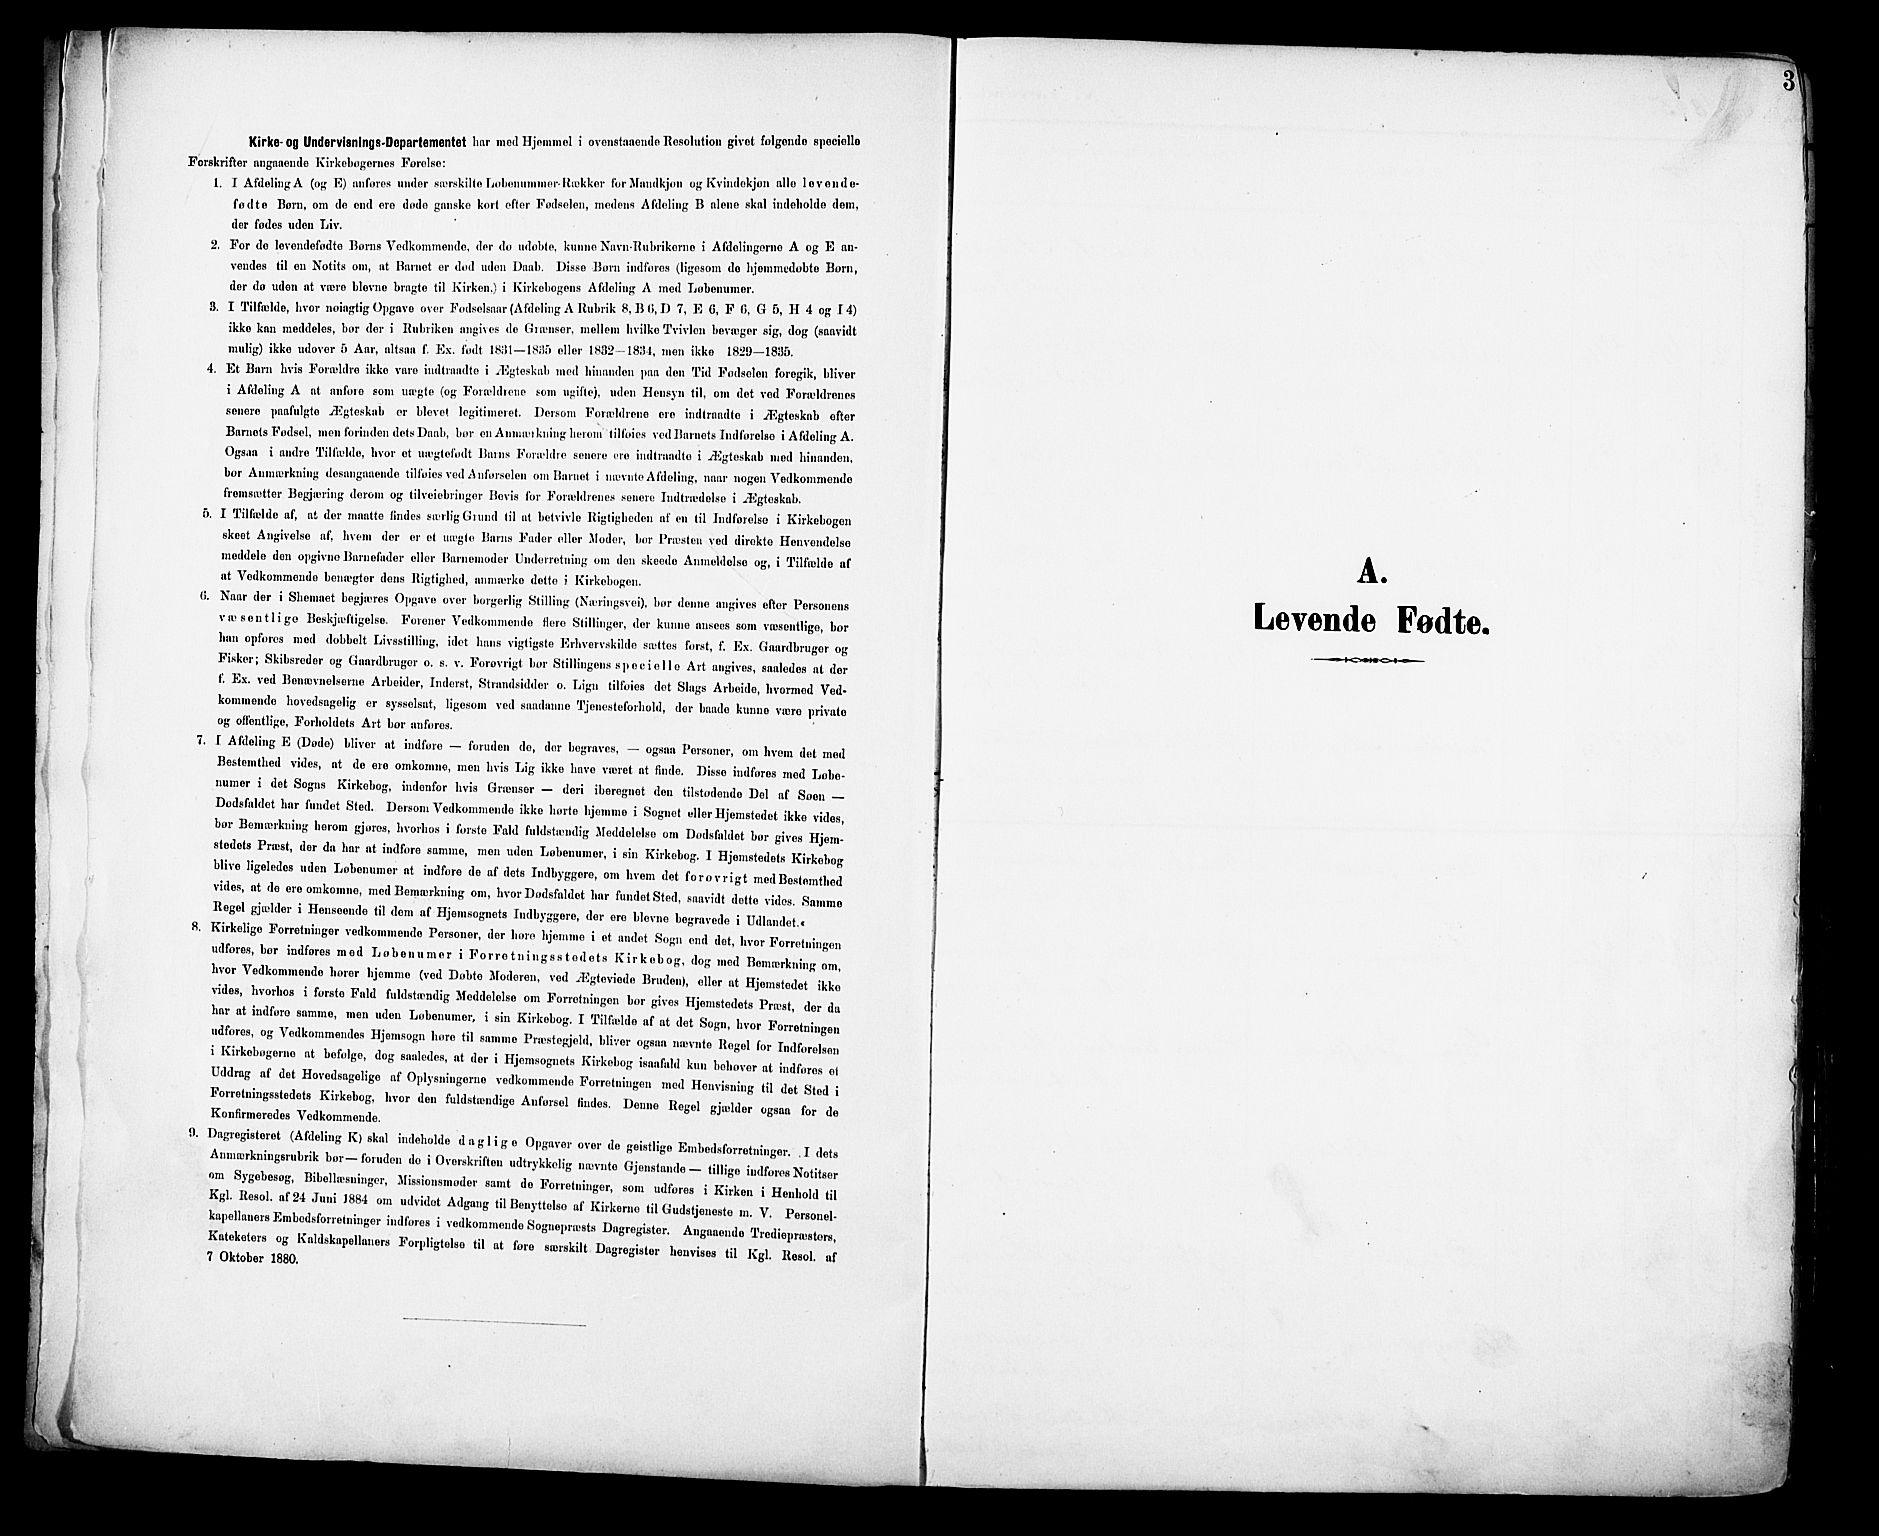 SAH, Vestre Toten prestekontor, Ministerialbok nr. 13, 1895-1911, s. 3